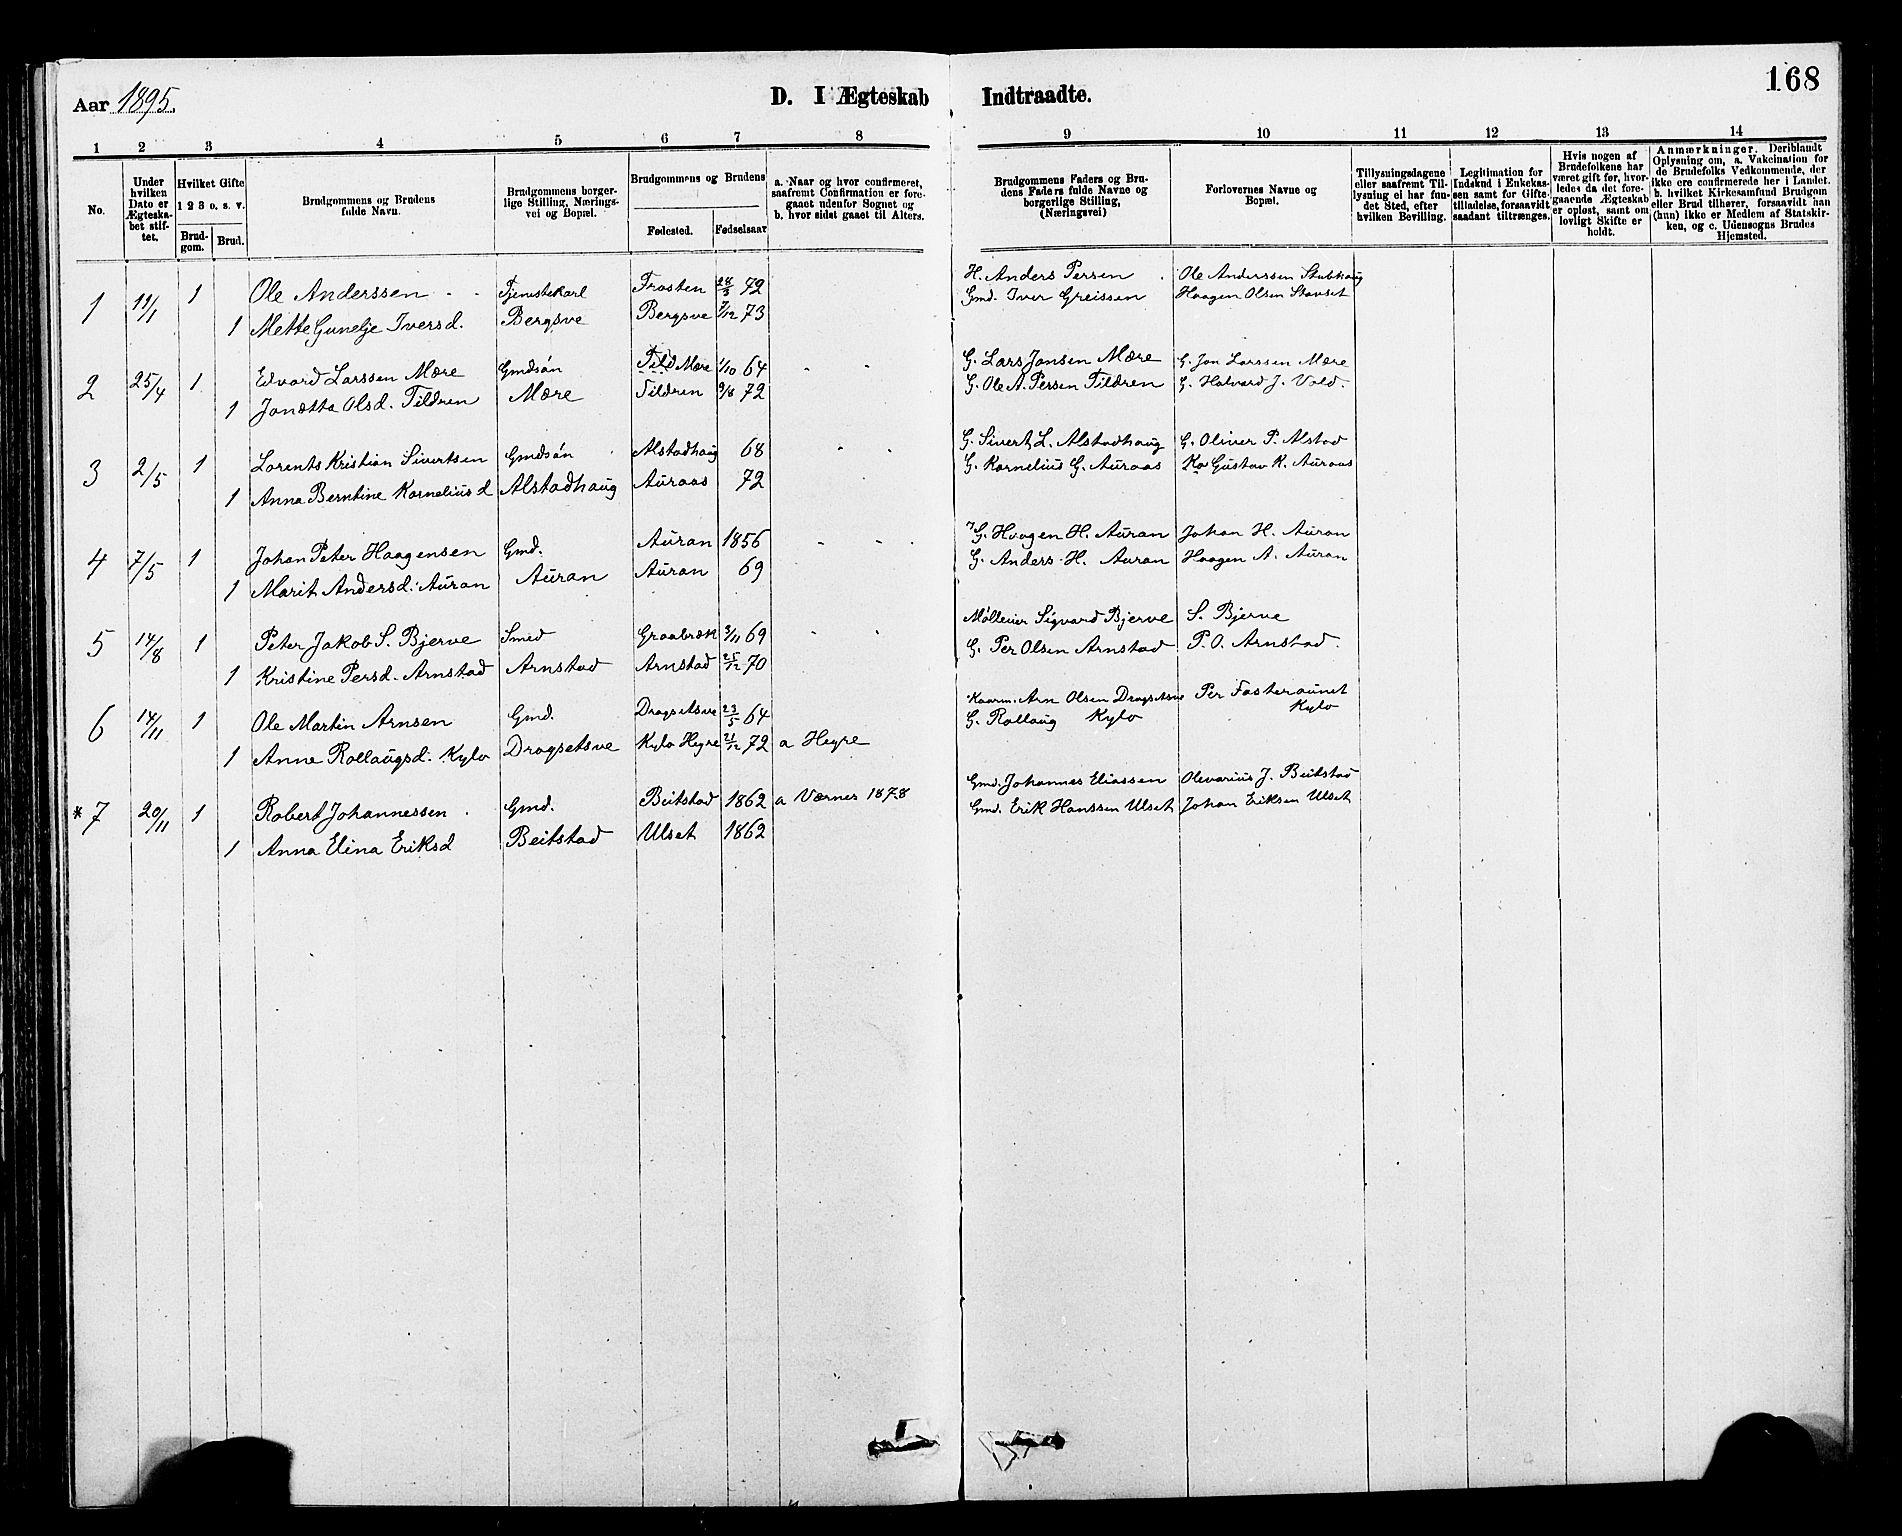 SAT, Ministerialprotokoller, klokkerbøker og fødselsregistre - Nord-Trøndelag, 712/L0103: Klokkerbok nr. 712C01, 1878-1917, s. 168